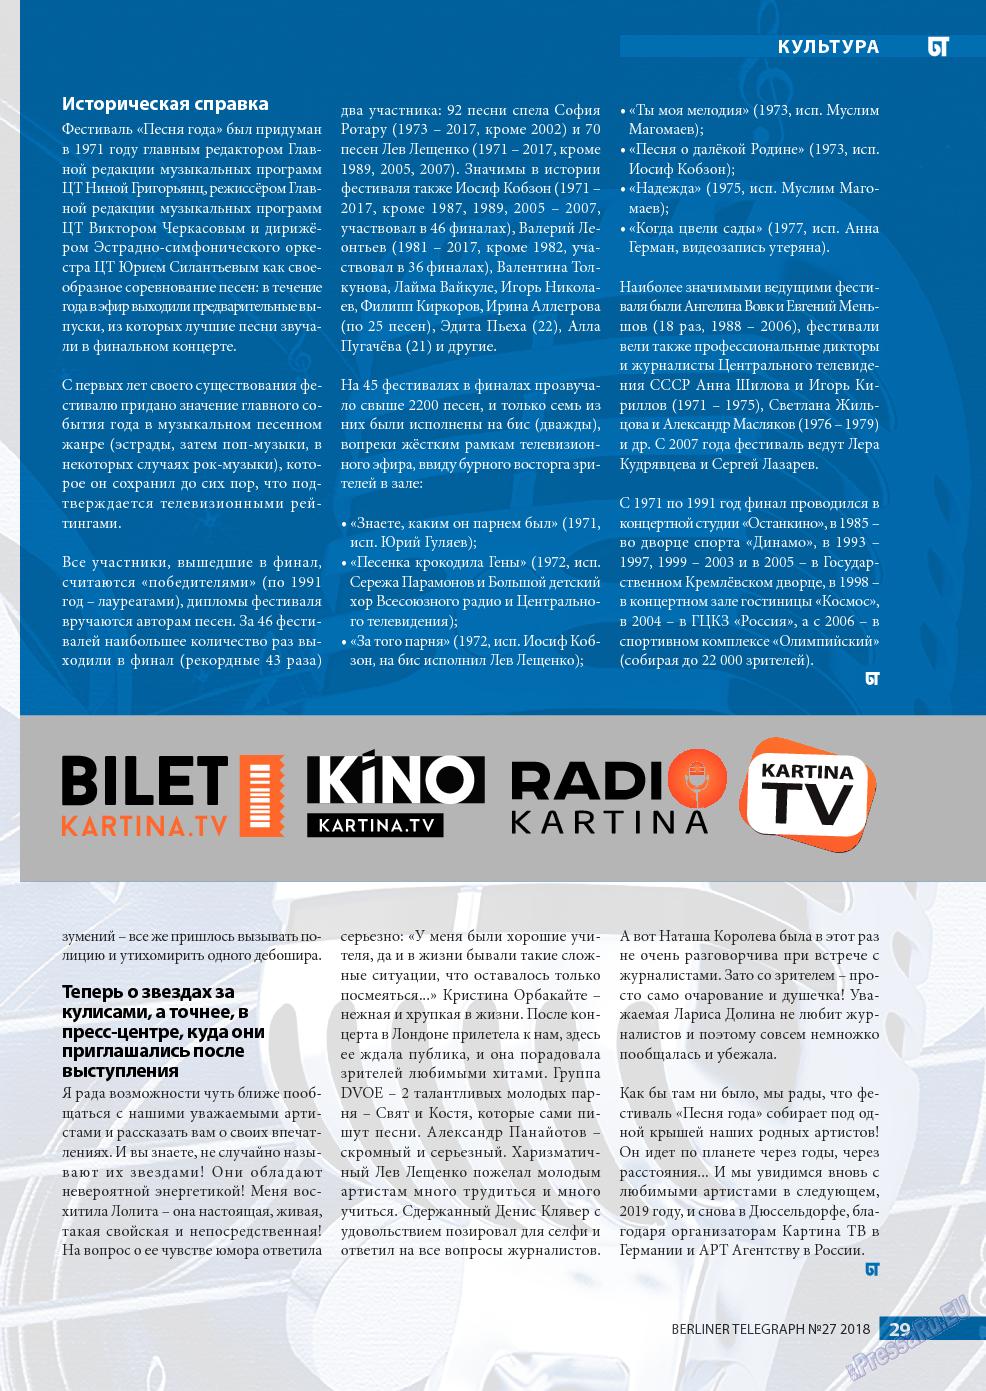 Берлинский телеграф (журнал). 2018 год, номер 27, стр. 29